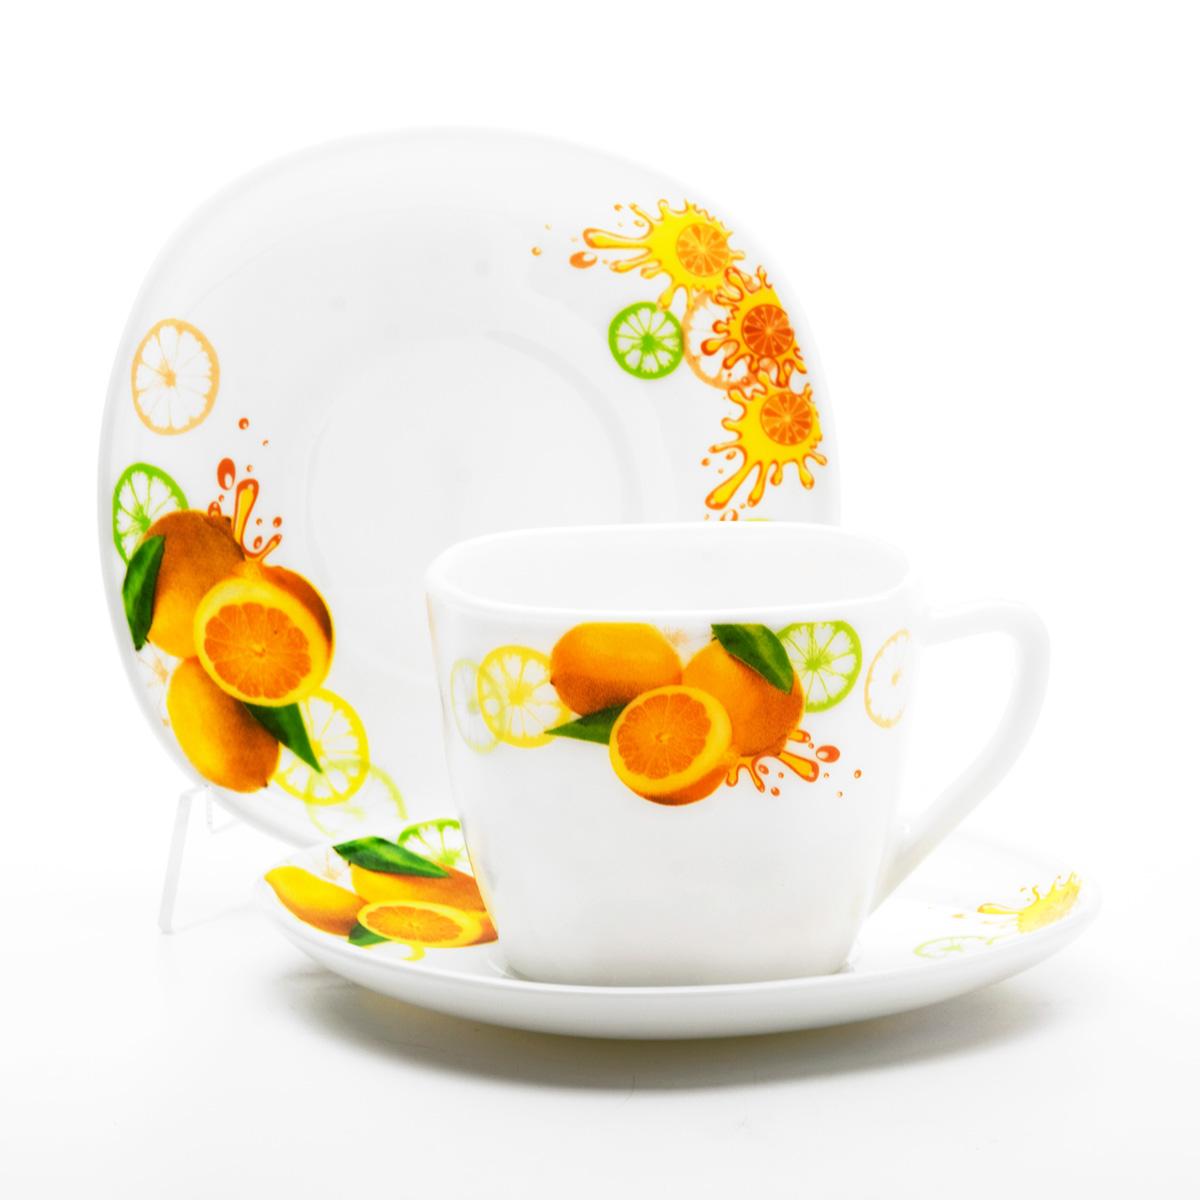 Набор чайный Mayer & Boch Лимон, 12 предметов. 2410824108Чайный набор Mayer & Boch Лимон, выполненный из высококачественного стекла, состоит из шести чашек и шести блюдец. Предметы набора оформлены изображением лимонов. Изящный дизайн и красочность оформления придутся по вкусу и ценителям классики, и тем, кто предпочитает утонченность и изысканность.Чайный набор - идеальный и необходимый подарок для вашего дома и для ваших друзей в праздники, юбилеи и торжества! Он также станет отличным корпоративным подарком и украшением любой кухни. Объем чашки: 210 мл. Размер чашки по верхнему краю: 8,5 см х 8 см. Высота чашки: 7 см. Размер блюдца: 14 см х 14 см.